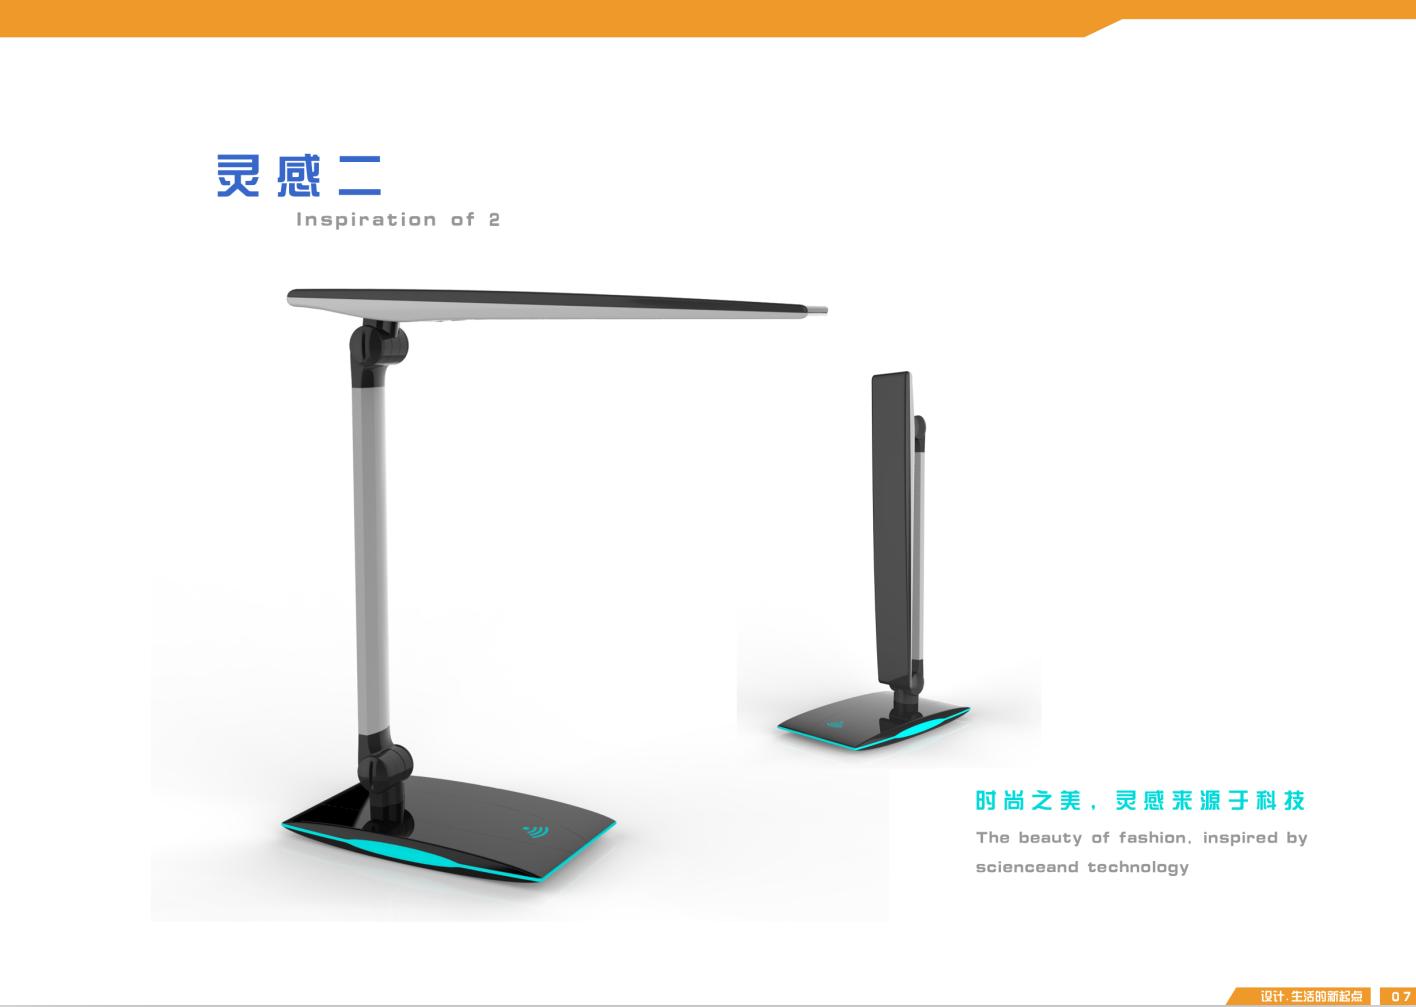 led台灯设计_创意产品外观设计案例展示